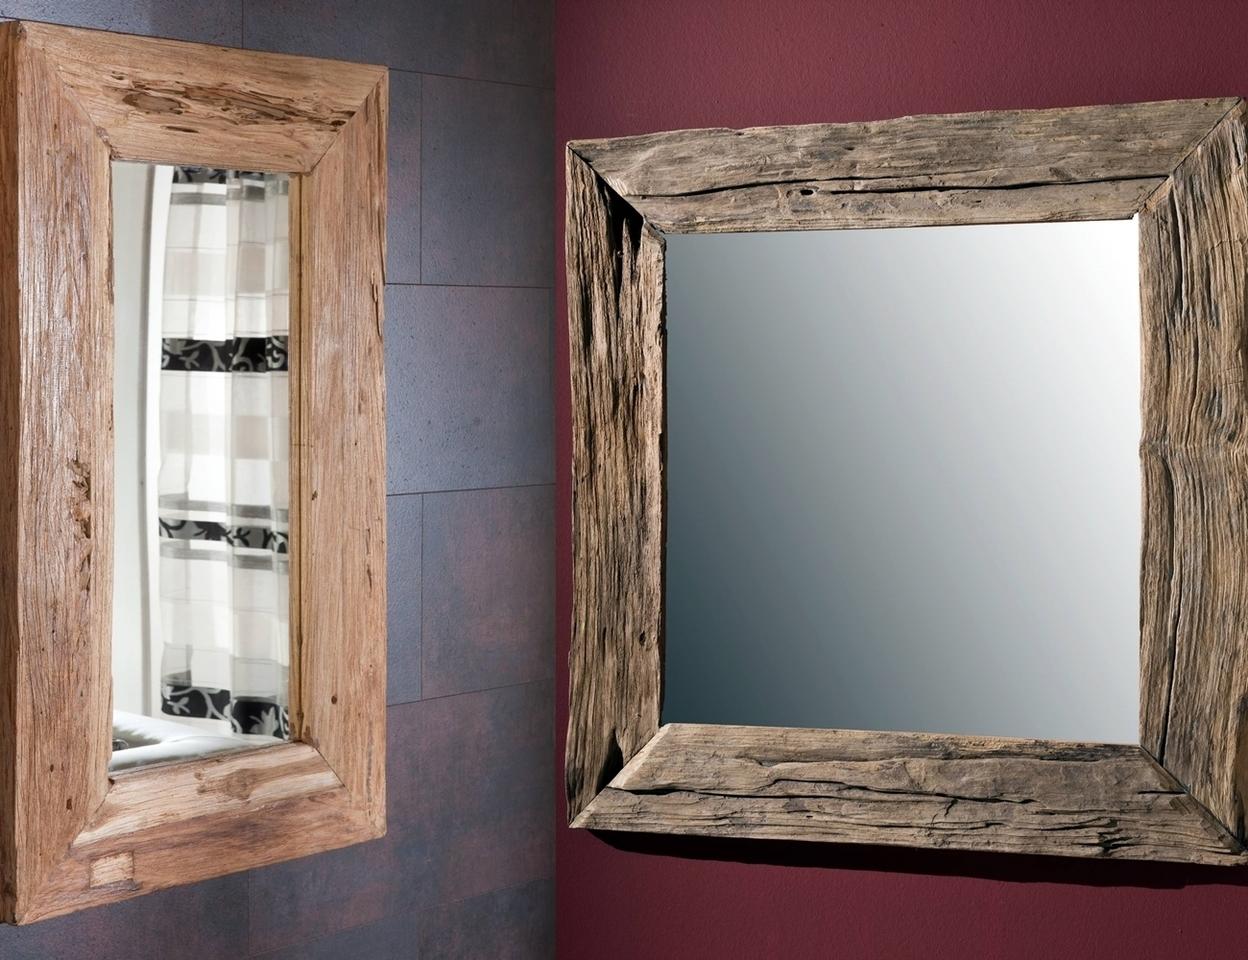 teakholz spiegel unikat von henke g nstig bestellen skanm bler. Black Bedroom Furniture Sets. Home Design Ideas